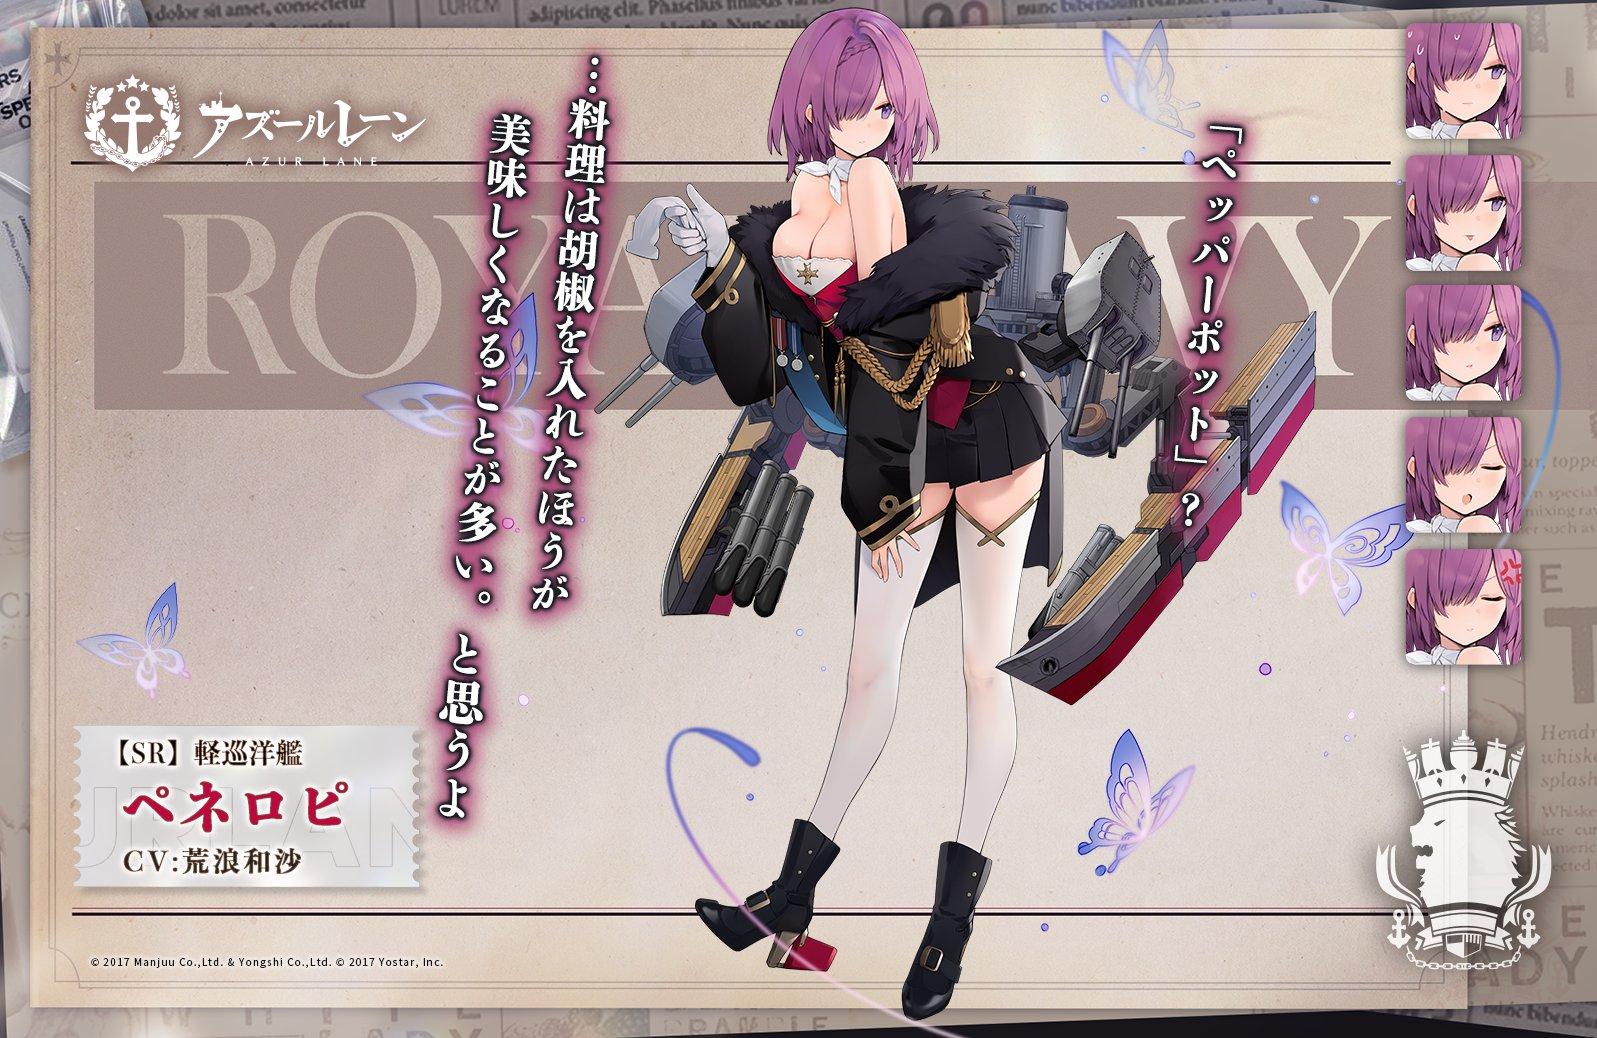 ロイヤル所属 SR 軽巡洋艦「ペネロピ」